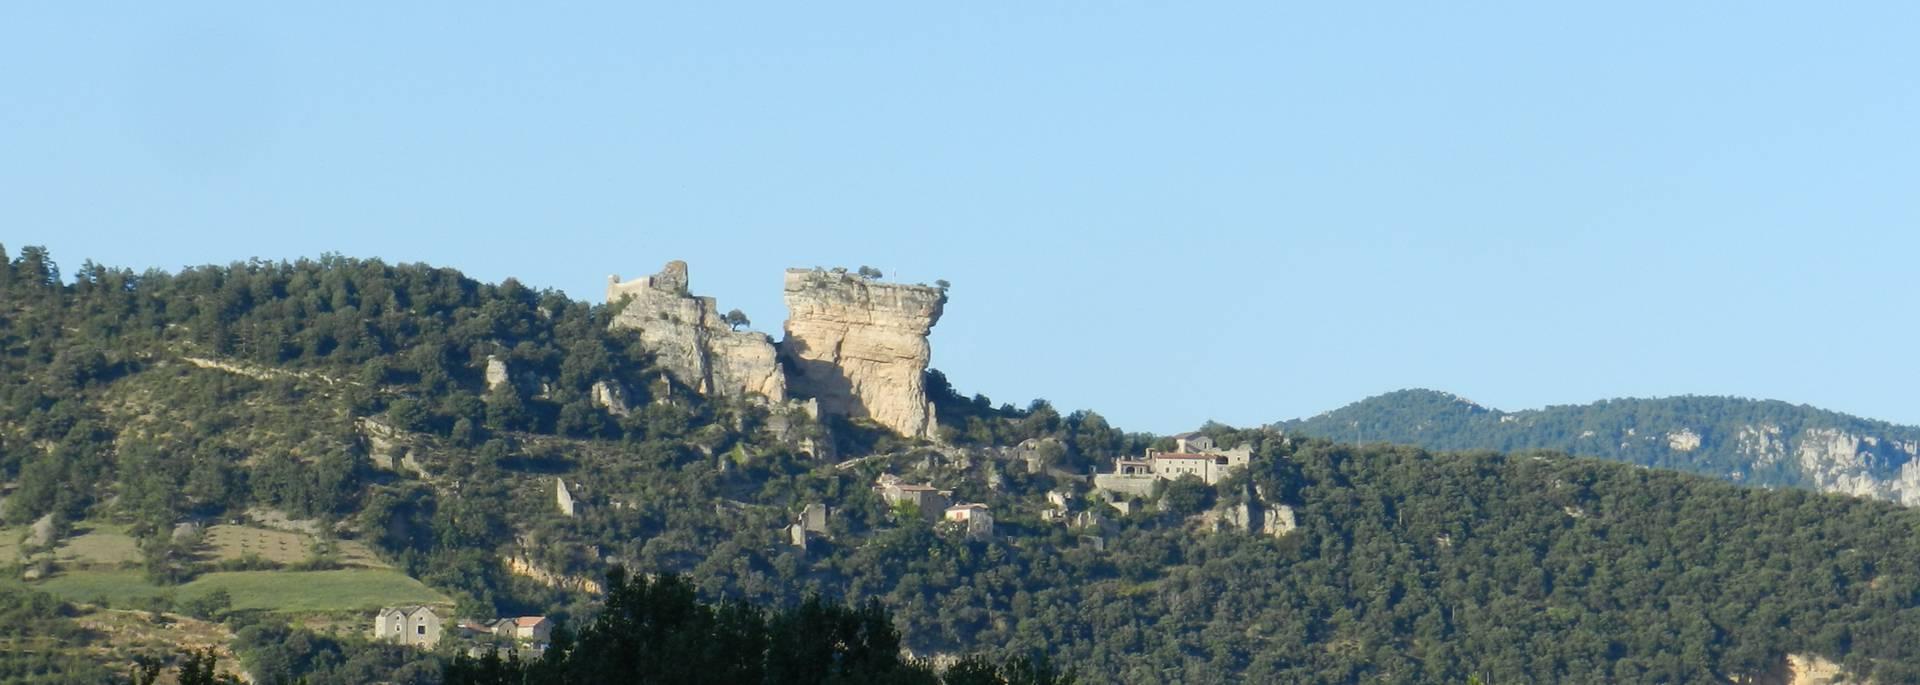 Vue lointaine du Château de Peyrelade